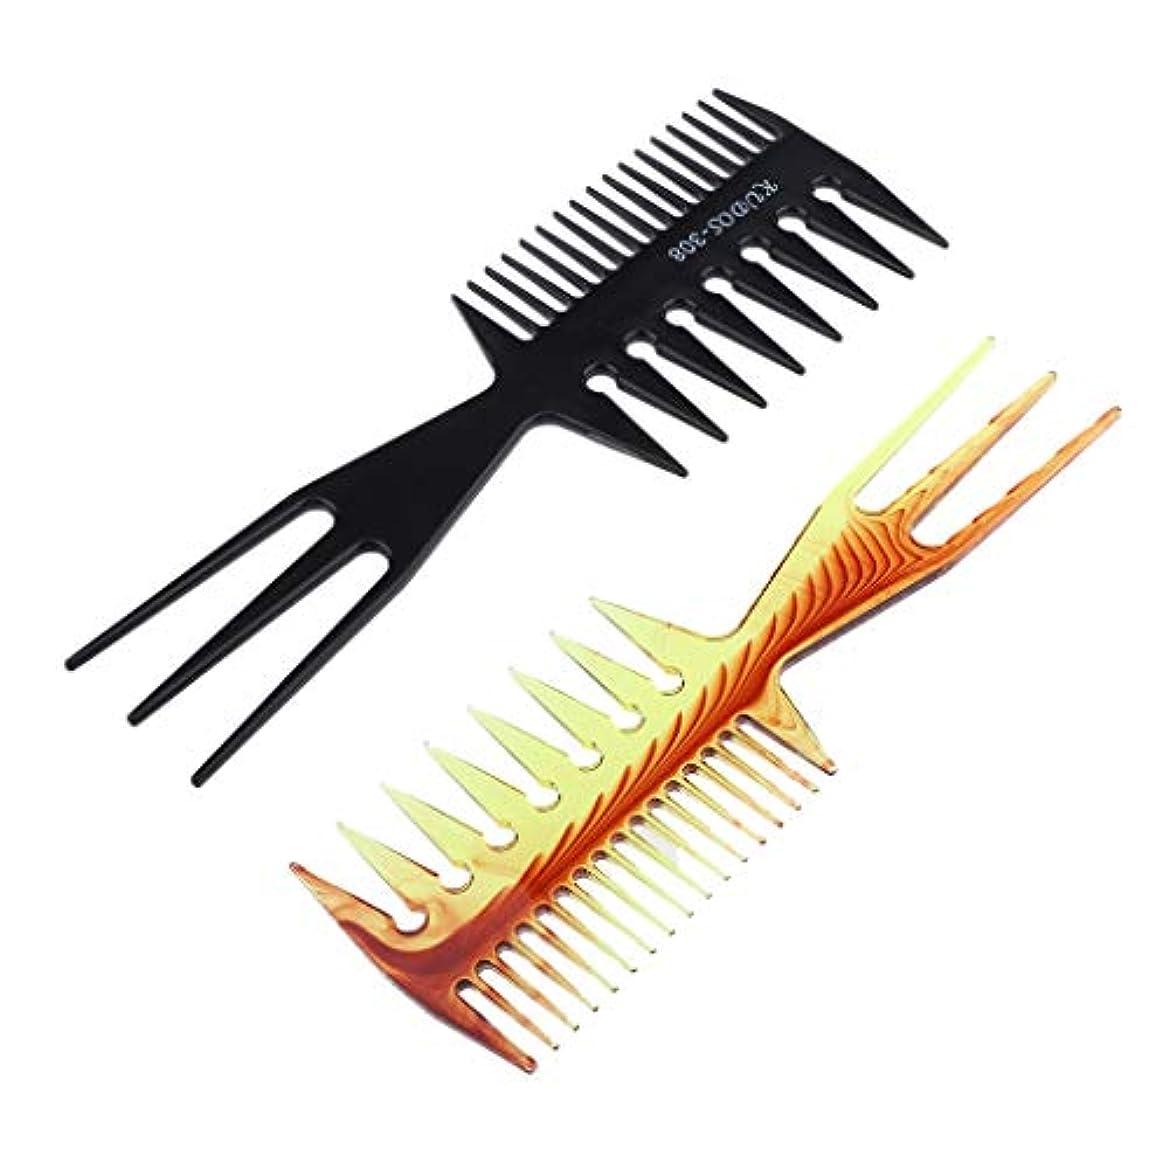 テラスバナー日食DYNWAVE ヘアダイブラシ 毛染めコーム 髪染め用ヘアコーム サロン 美髪師用 DIY髪染め用 2個セット